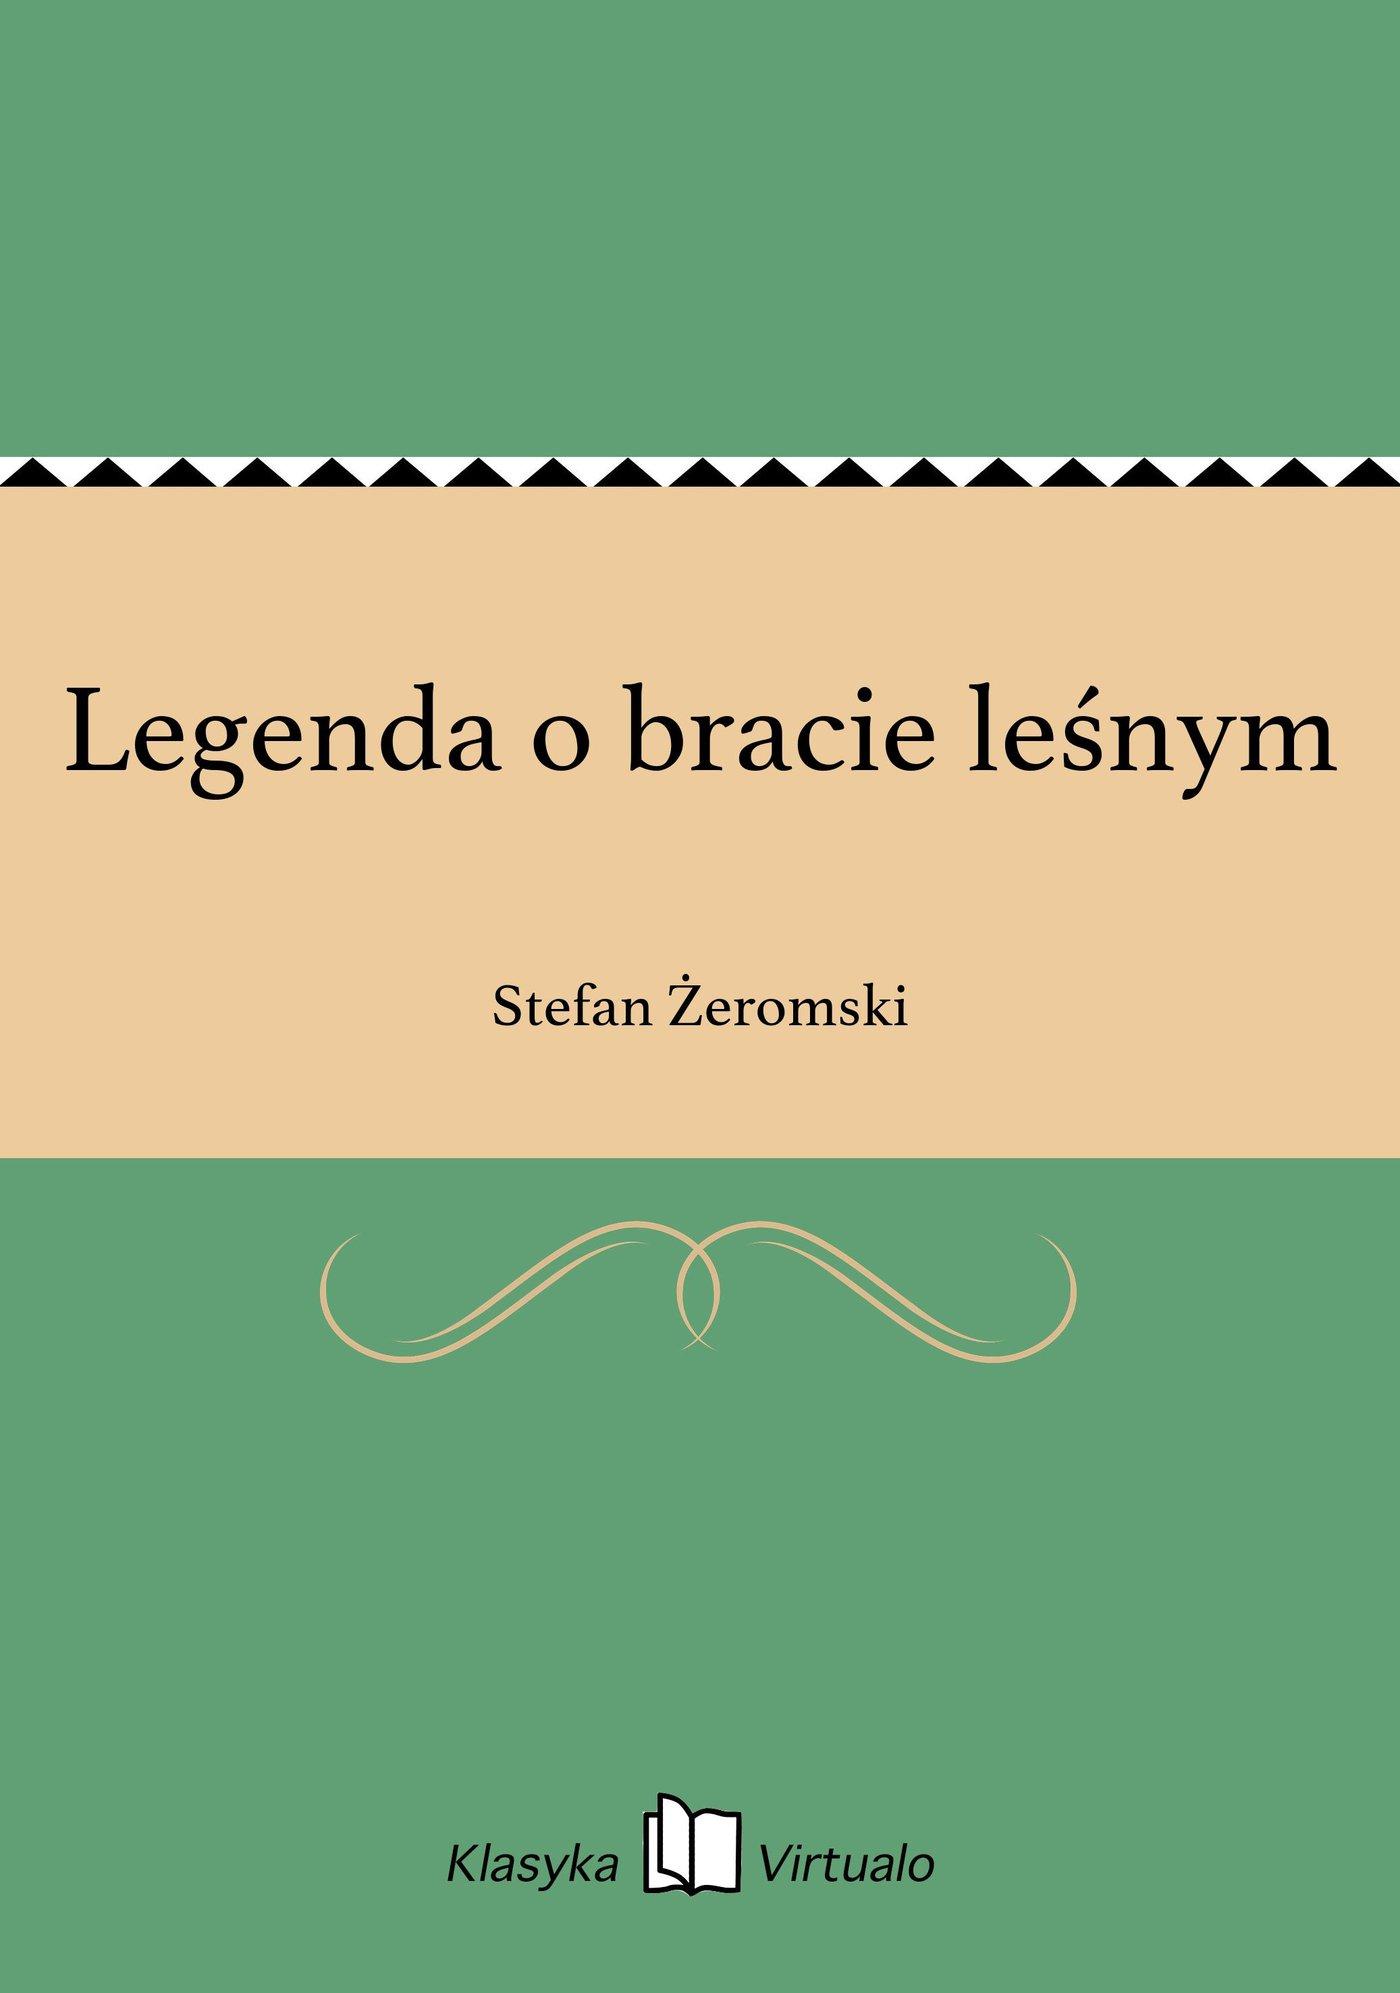 Legenda o bracie leśnym - Ebook (Książka EPUB) do pobrania w formacie EPUB